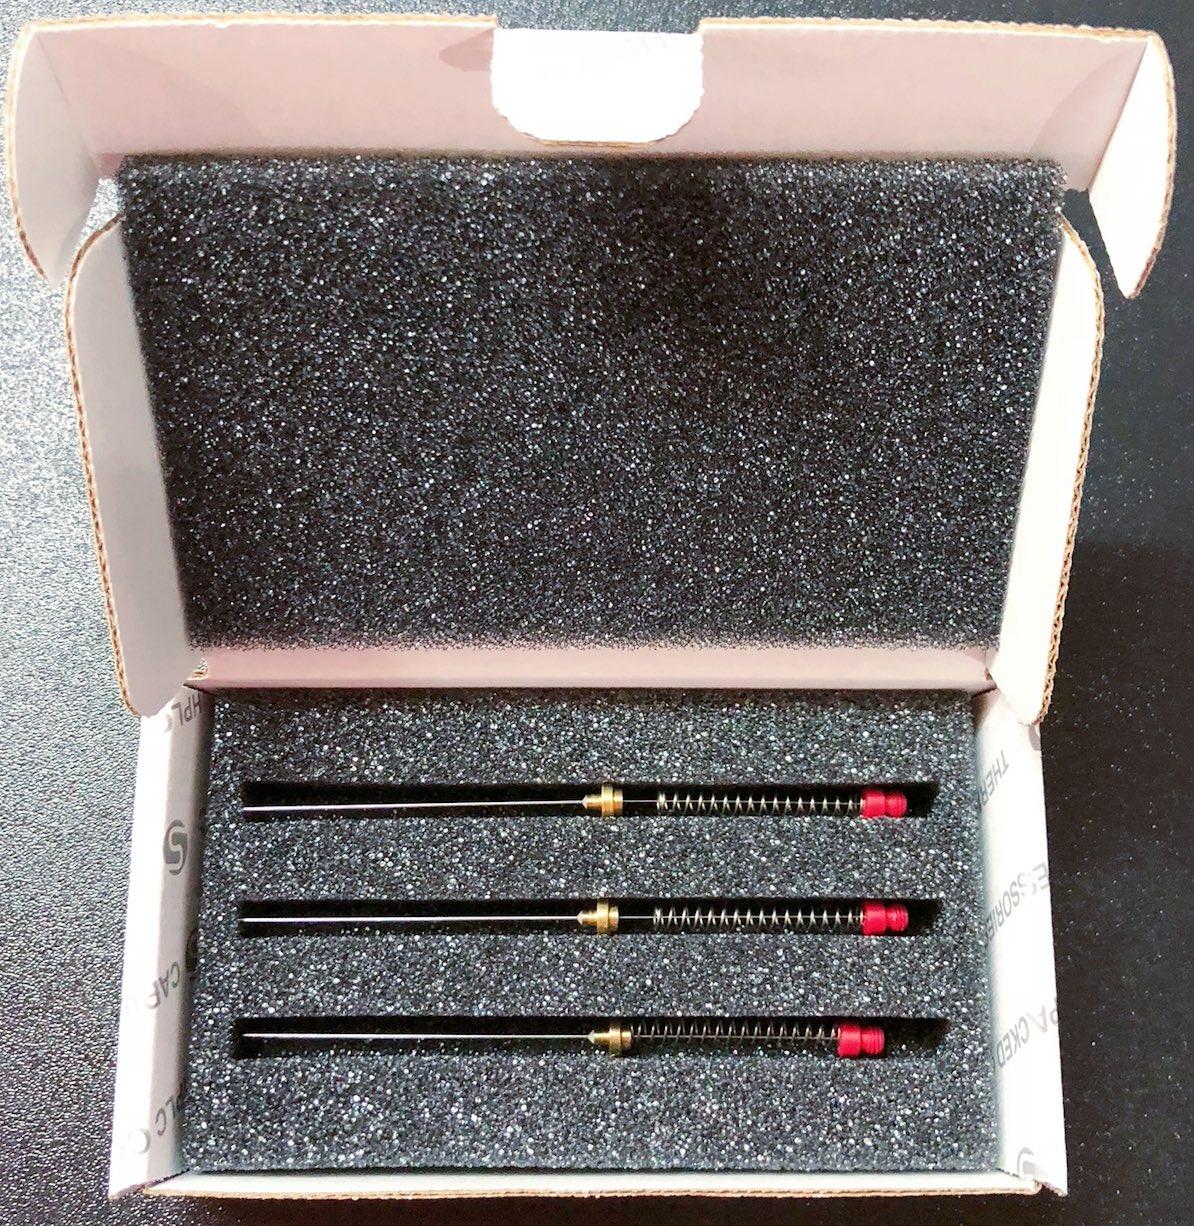 57300-U  Supelco 100um PDMS(聚二甲基硅氧烷)固相微萃取手动进样萃取头,3支/盒(MW 60-275)